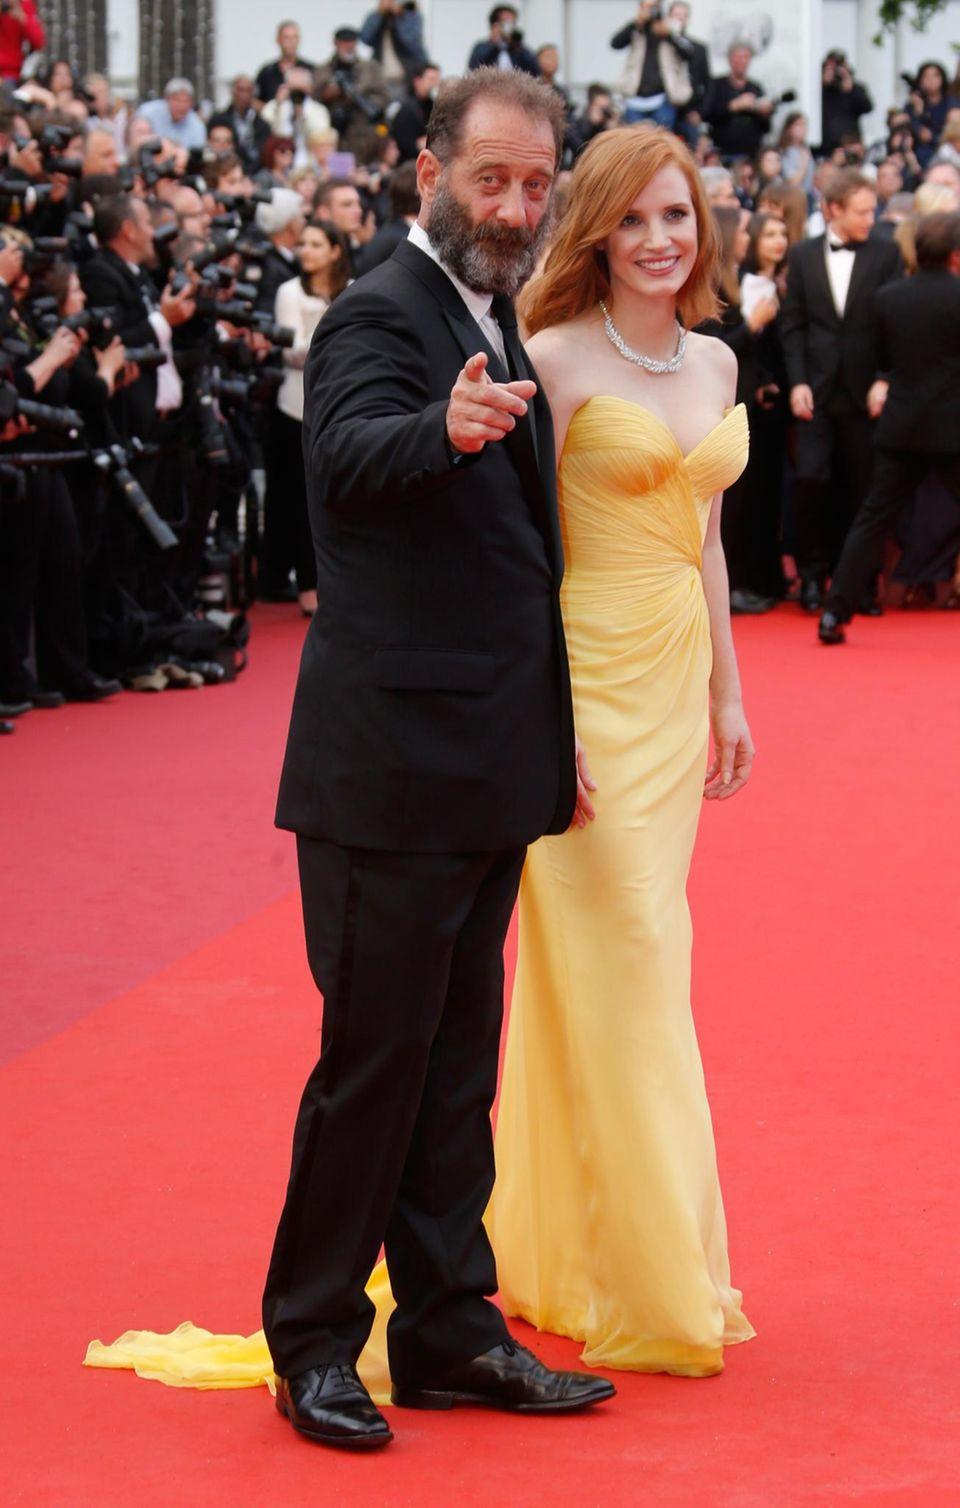 Vincent Lindon und Jessica Chastain auf dem roten Teppich in Cannes.